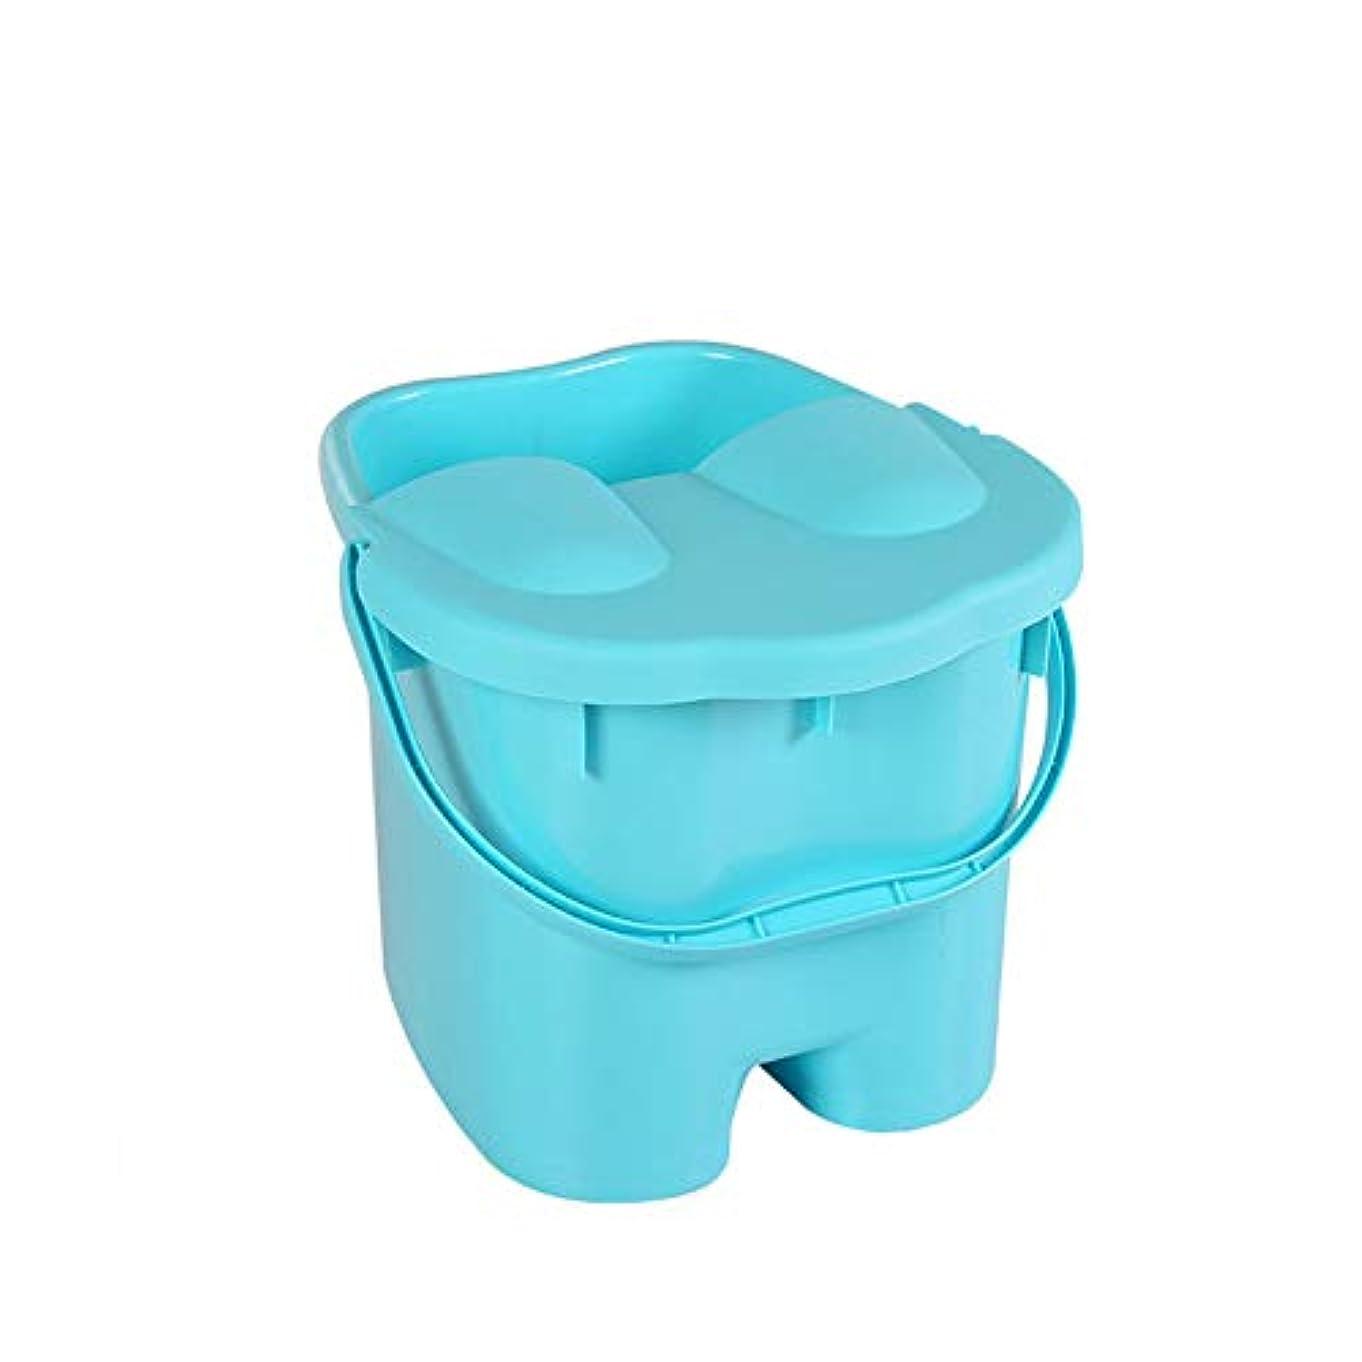 偽善不定逃れるポータブル洗足式健康バレルを深化蓋付きの足湯バケツ、プラスチックマッサージ絶縁フットバスバレル、高め肥厚フットバスタブ、-blue-L